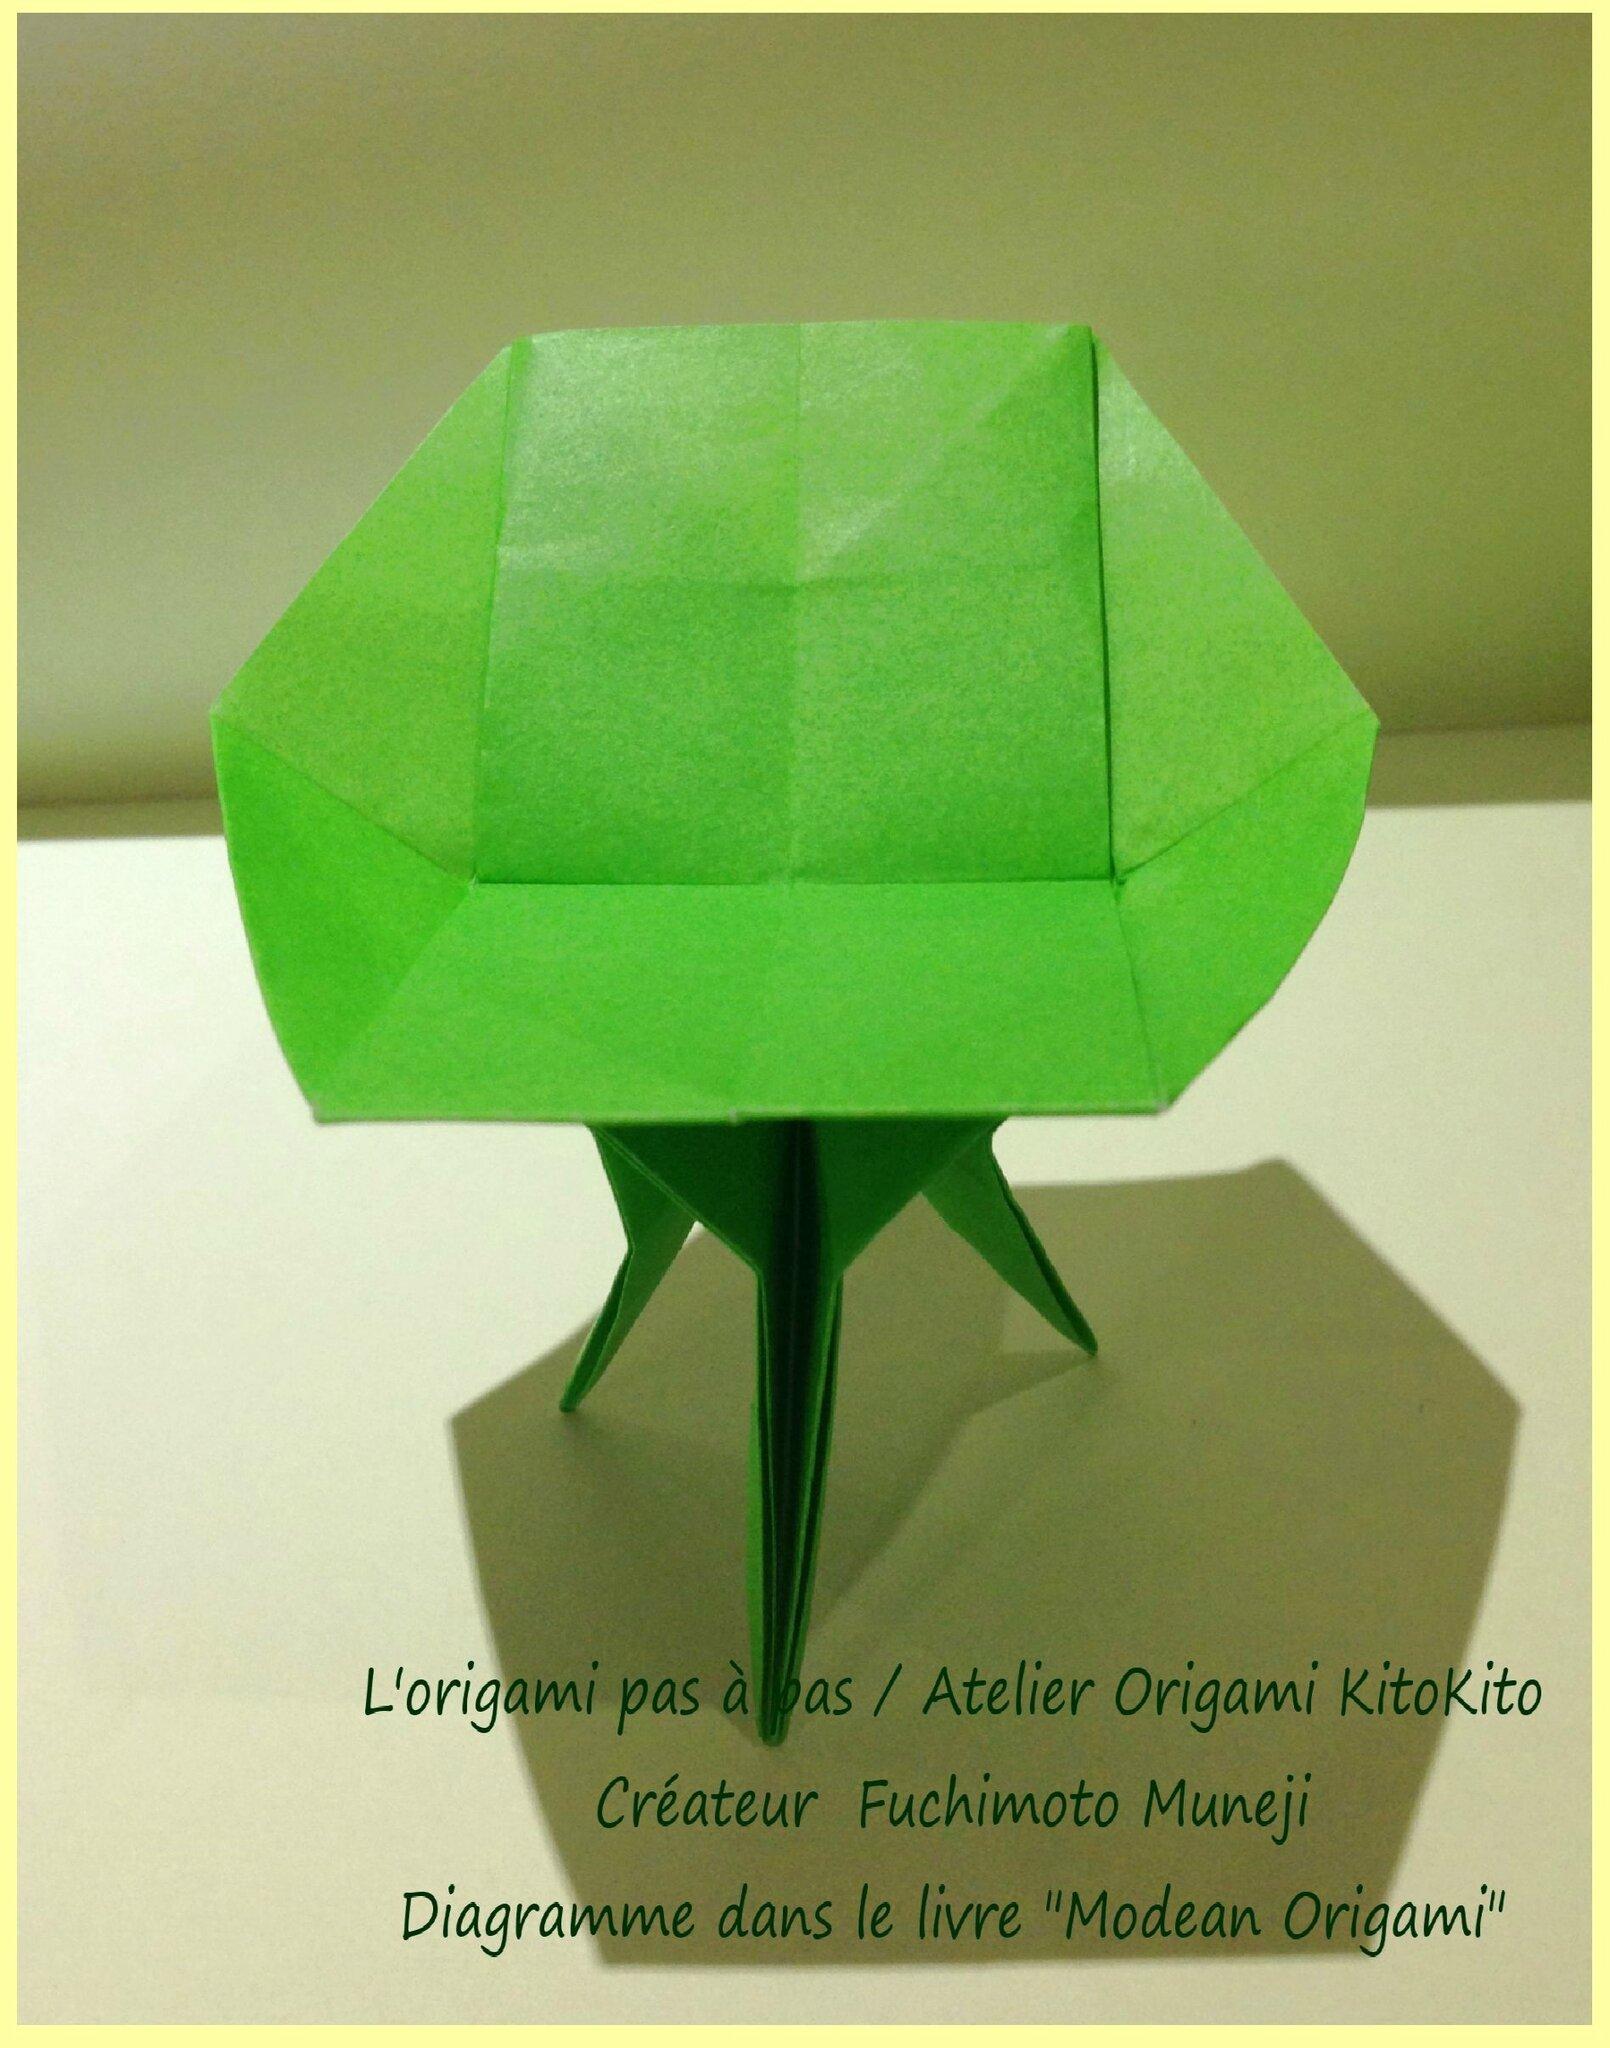 Chaise 5 l 39 origami pas pas atelier origami kitokito for Chaise origami